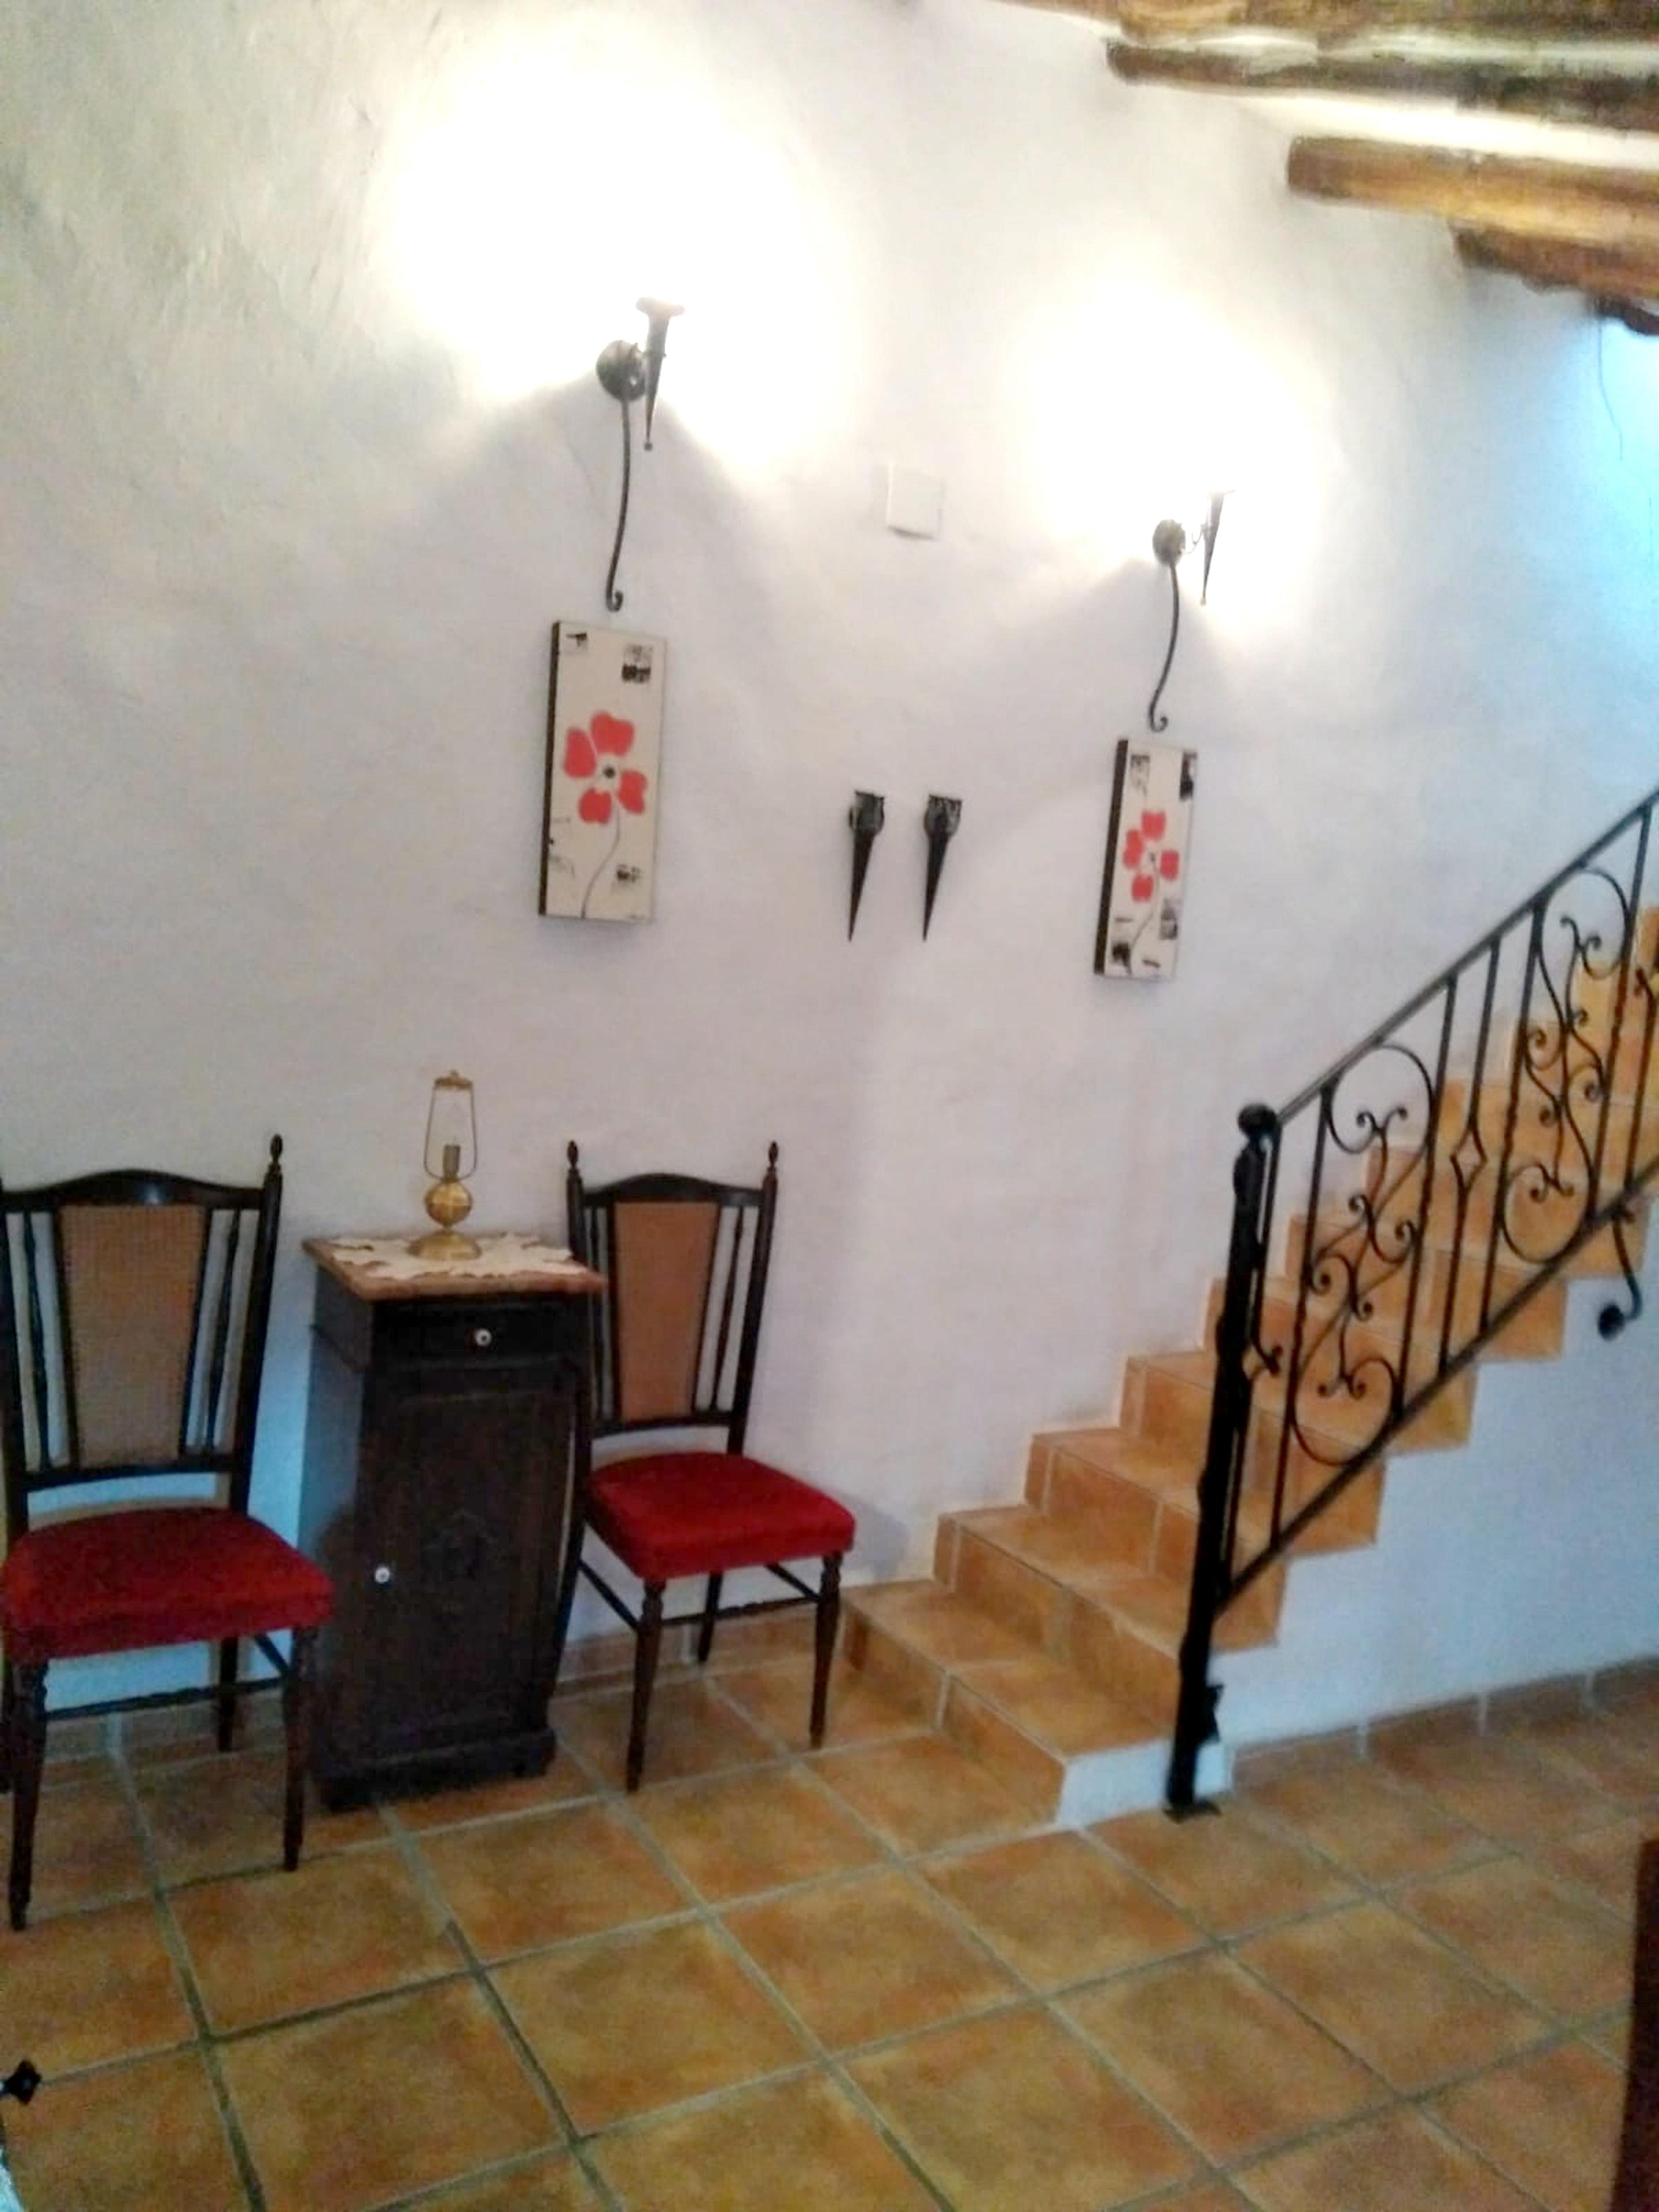 Ferienhaus Haus mit 5 Schlafzimmern in Casas del Cerro mit toller Aussicht auf die Berge und möbliert (2201517), Casas del Cerro, Albacete, Kastilien-La Mancha, Spanien, Bild 26